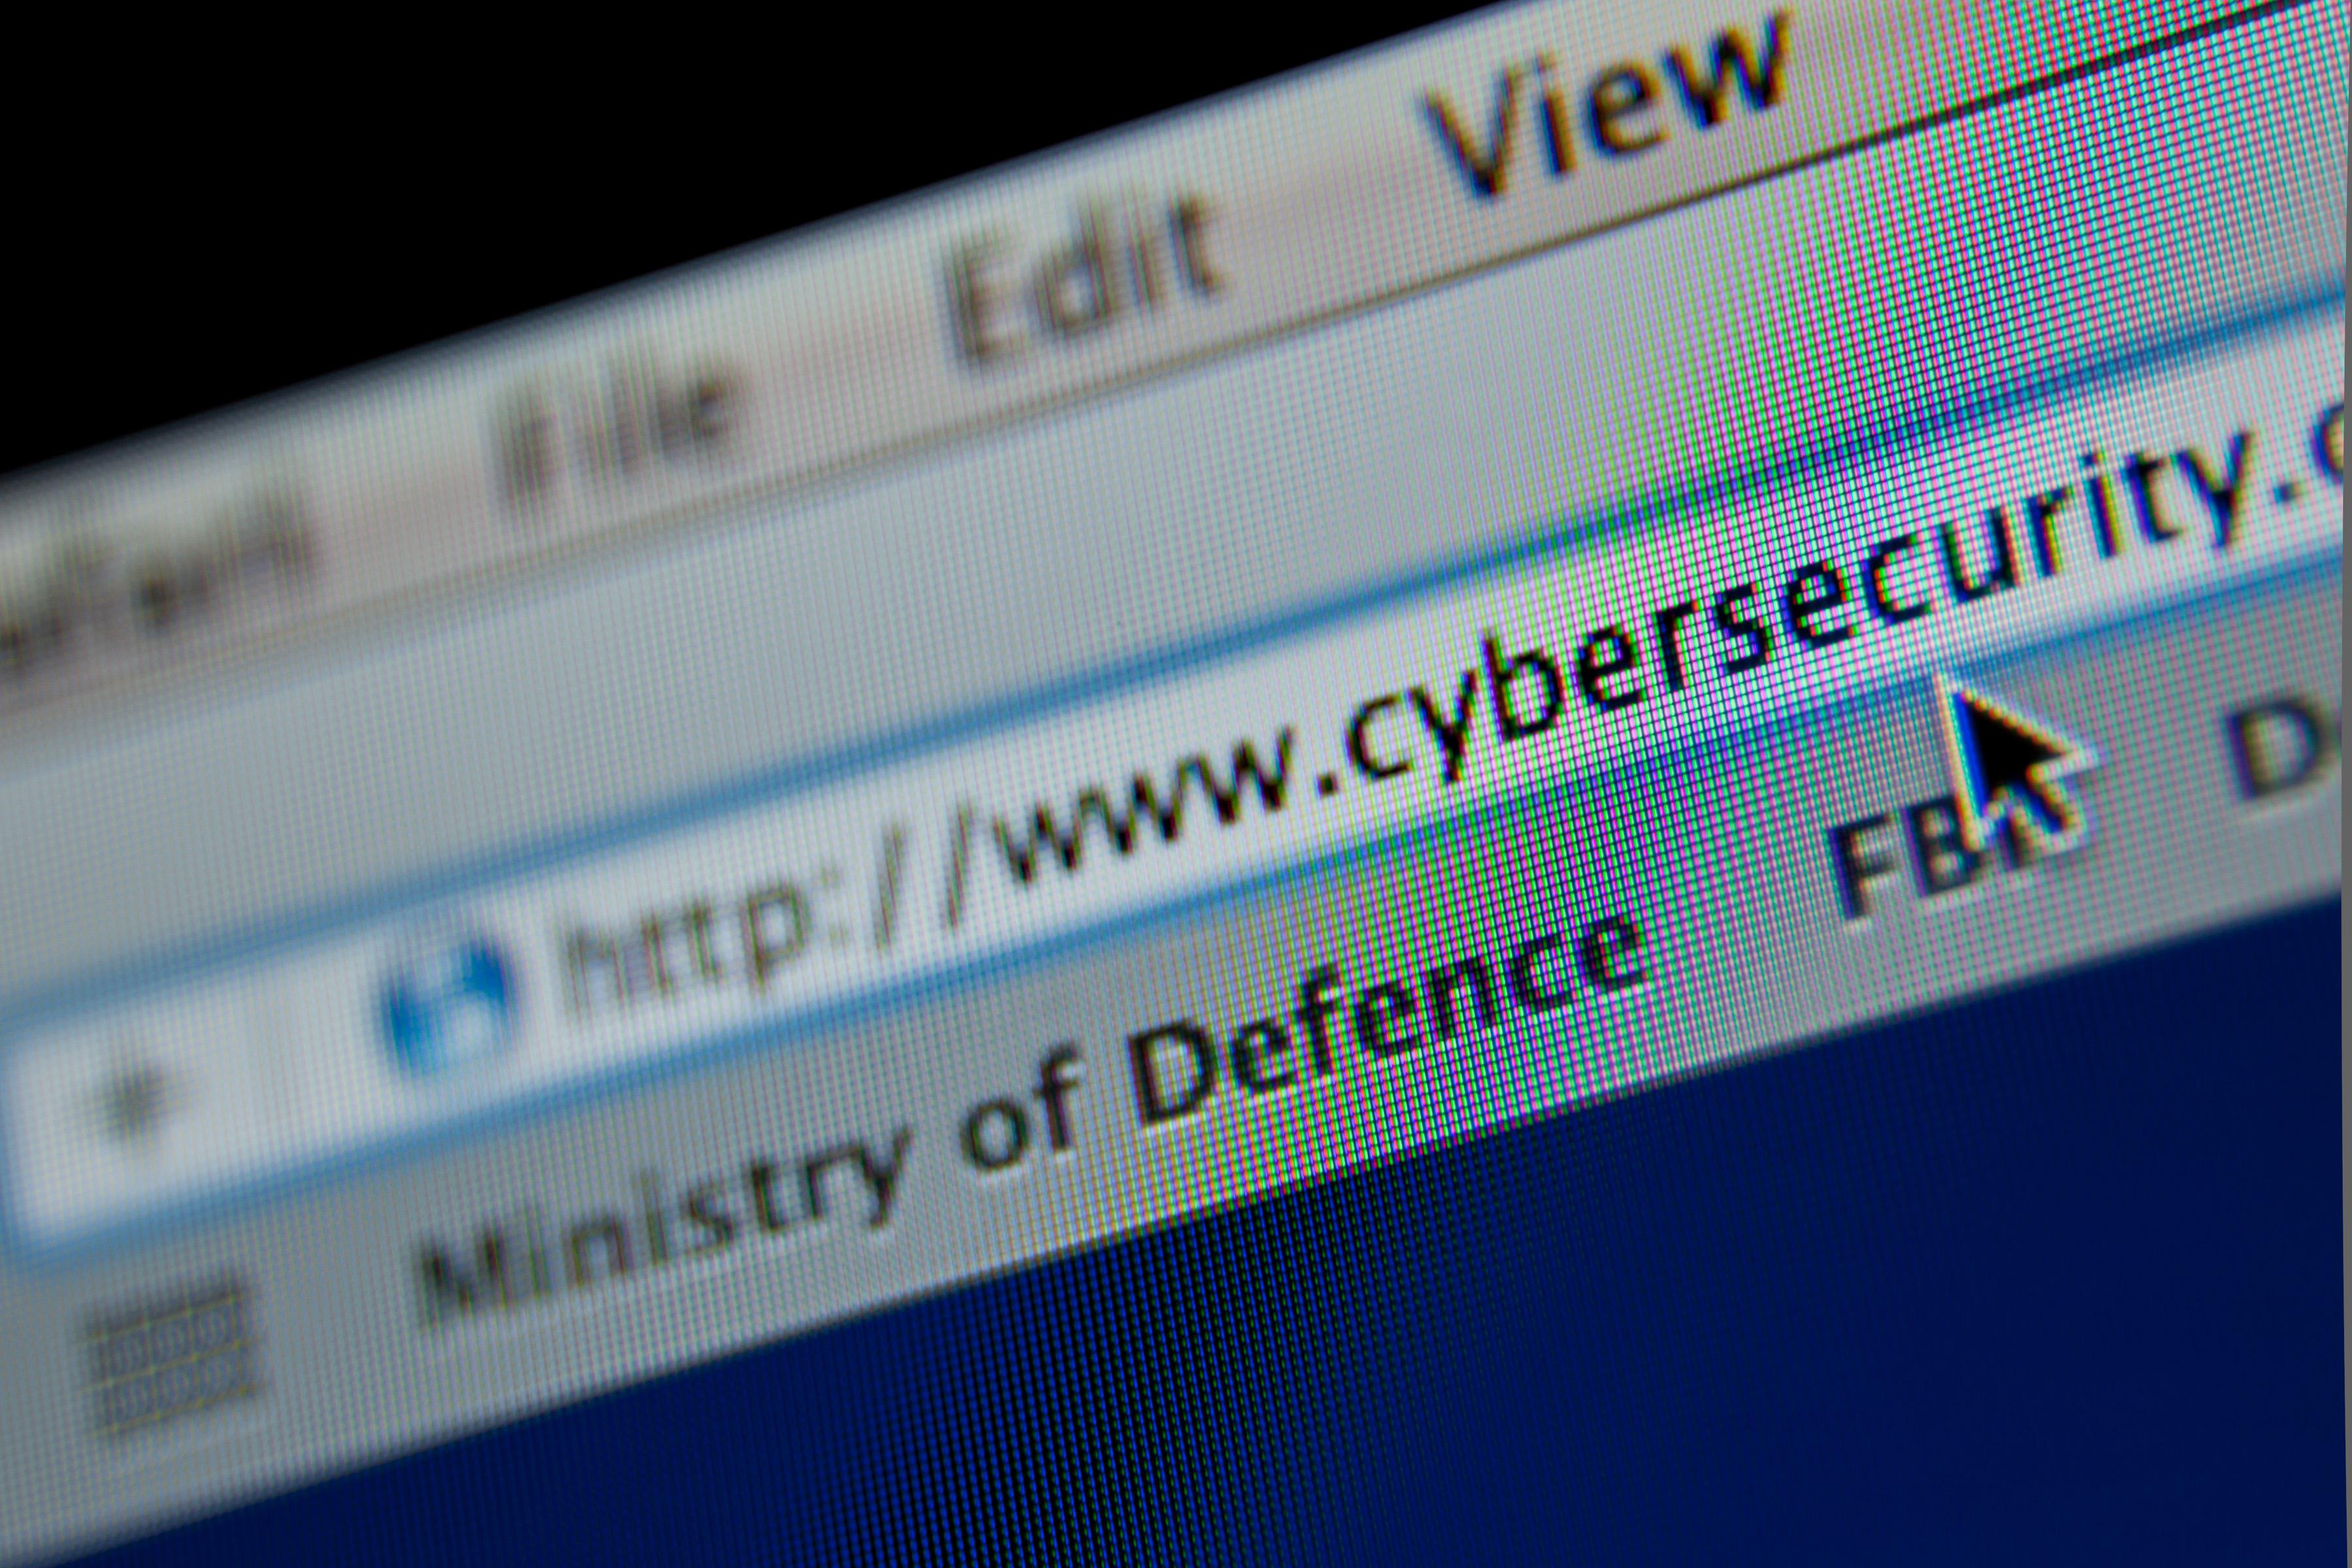 Una nuova frontiera lavorativa: la sicurezza cibernetica